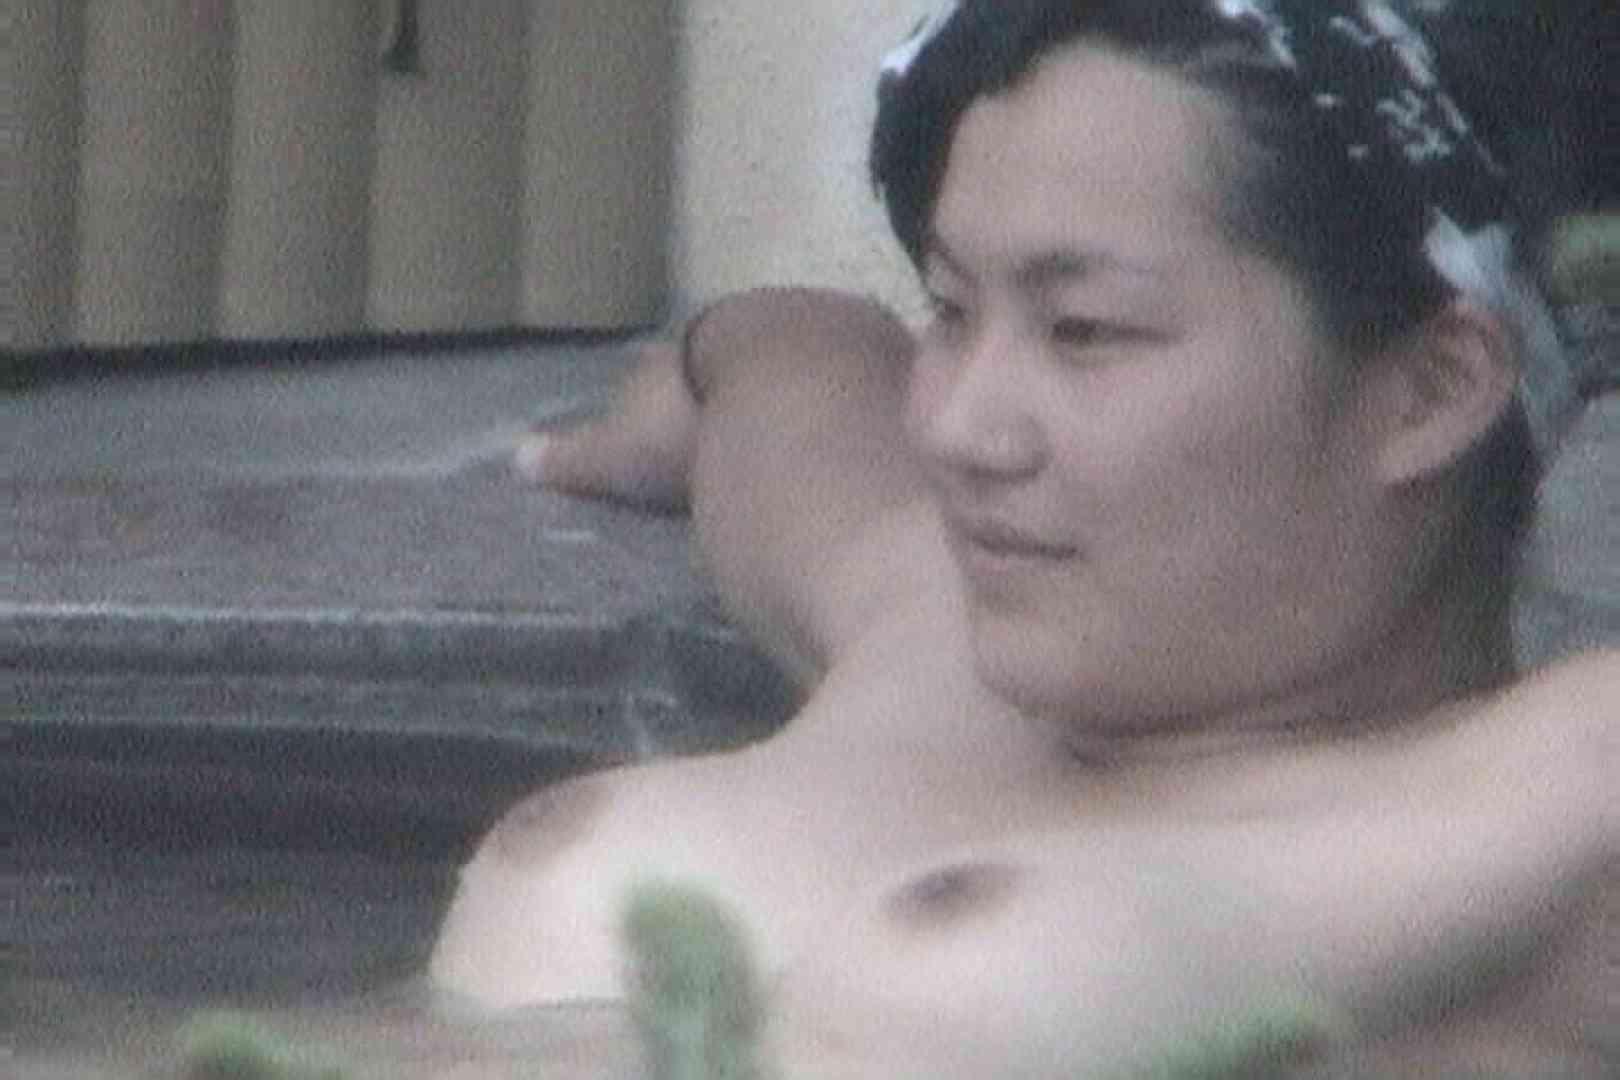 Aquaな露天風呂Vol.103 美しいOLの裸体  85pic 6